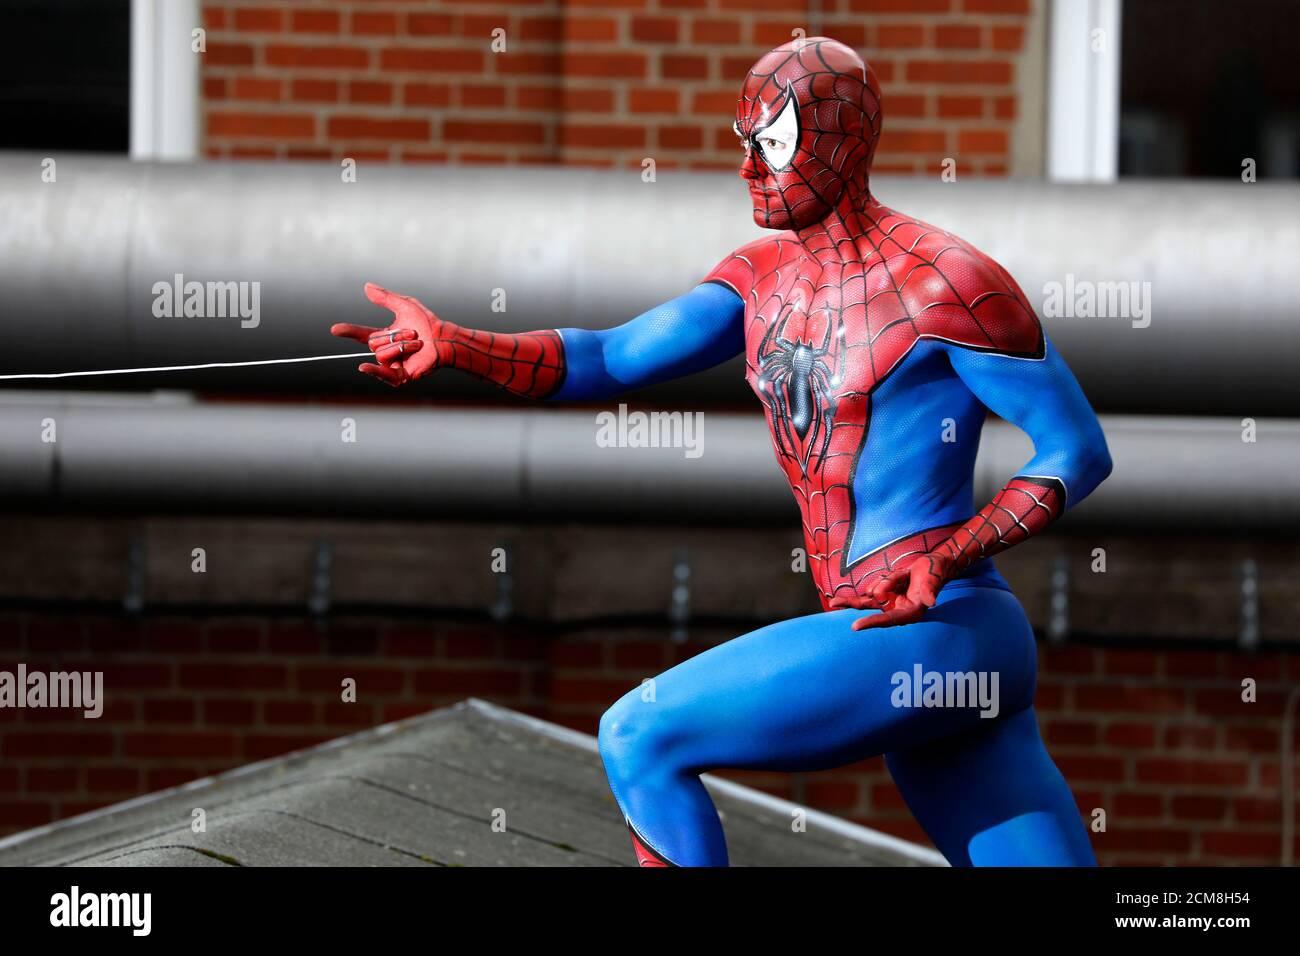 GEEK ART - Bodypainting und Transforming: Spider-man Fotoshooting mit Patrick Kiel am 15. September 2020 im Hefehof in Hameln - EIN Projekt des Fotografen Tschiponnique Skupin und des Bodypainters Enrico Lein Stockfoto